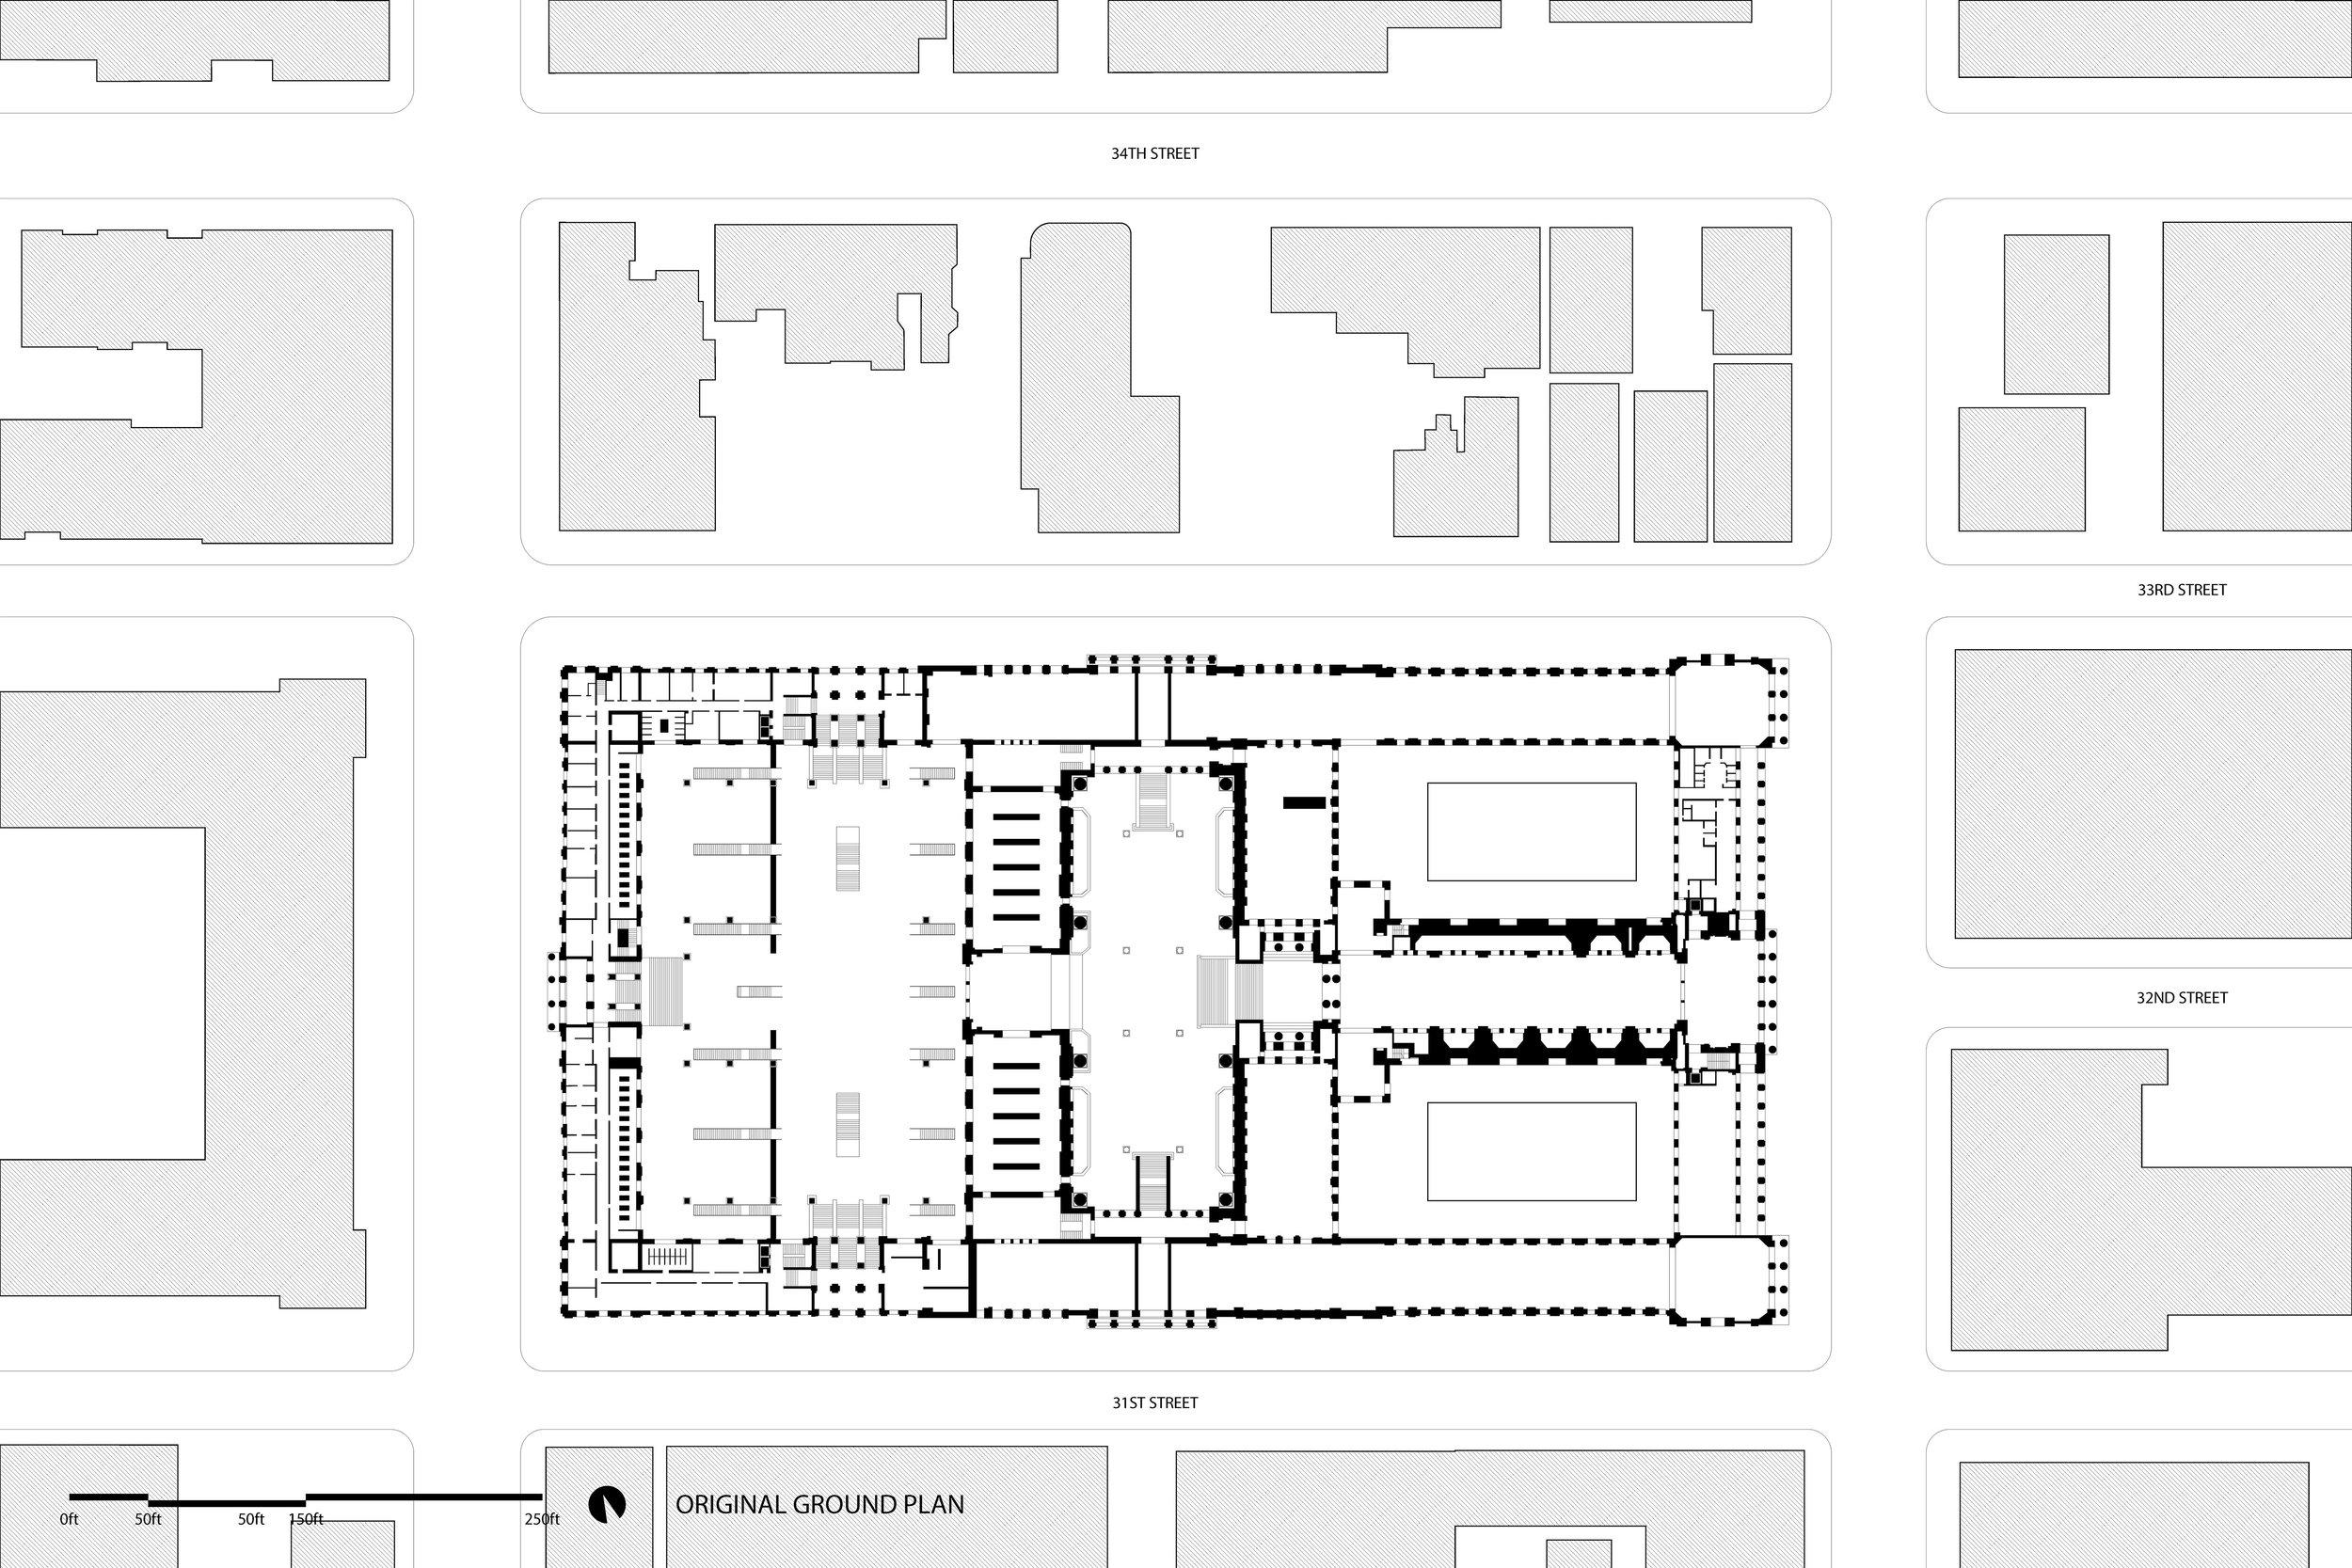 Original Ground Plan_s.jpg